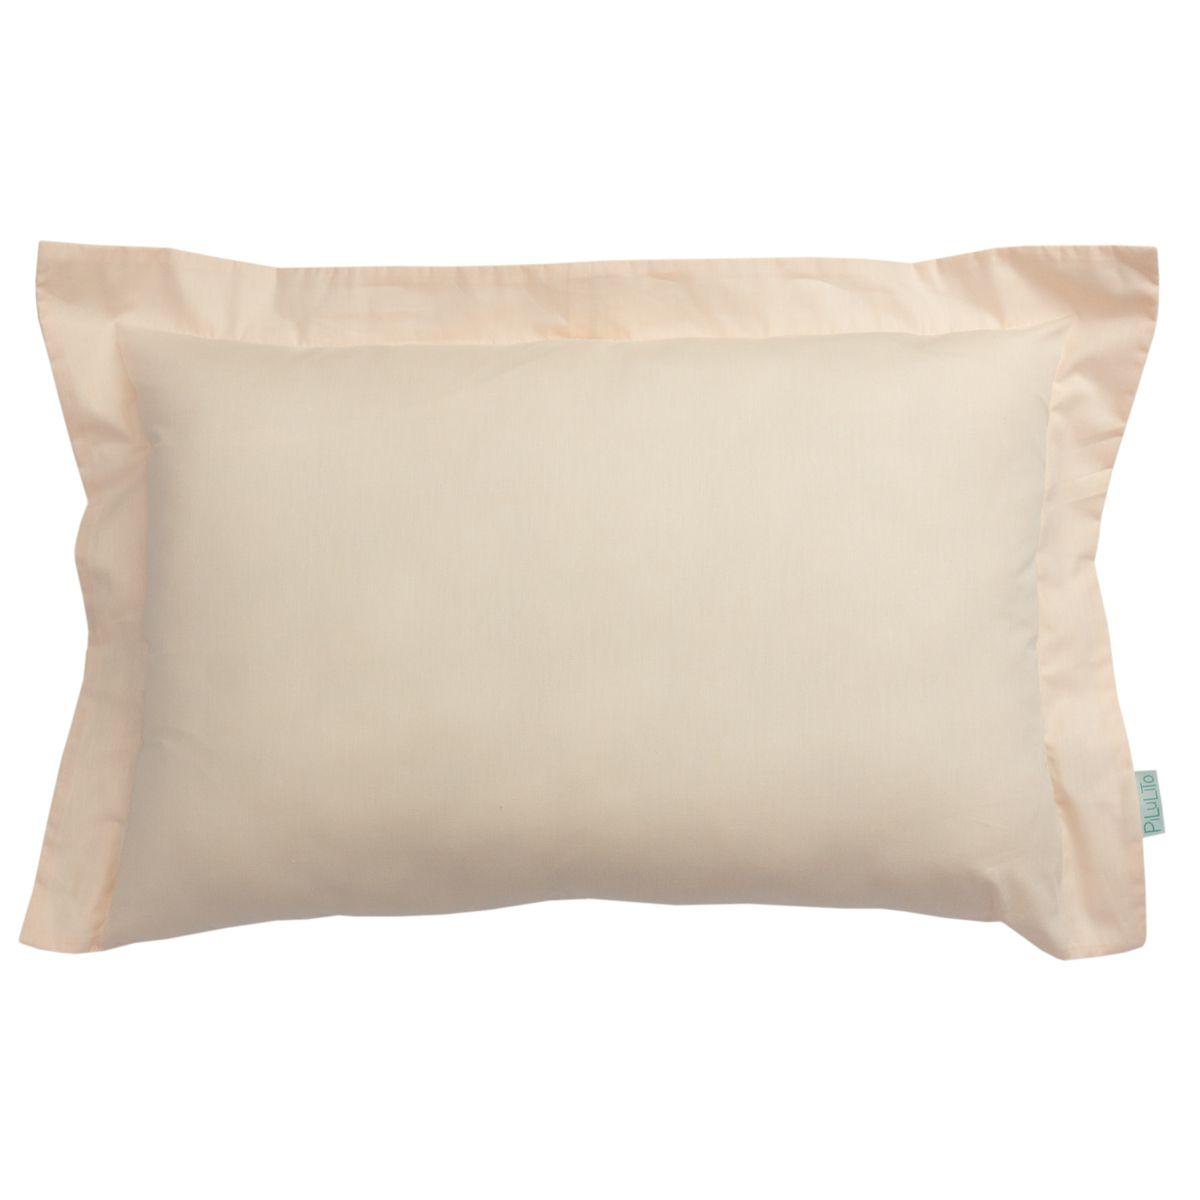 Capa de almofada de cabeceira 60x40cm salmão suave